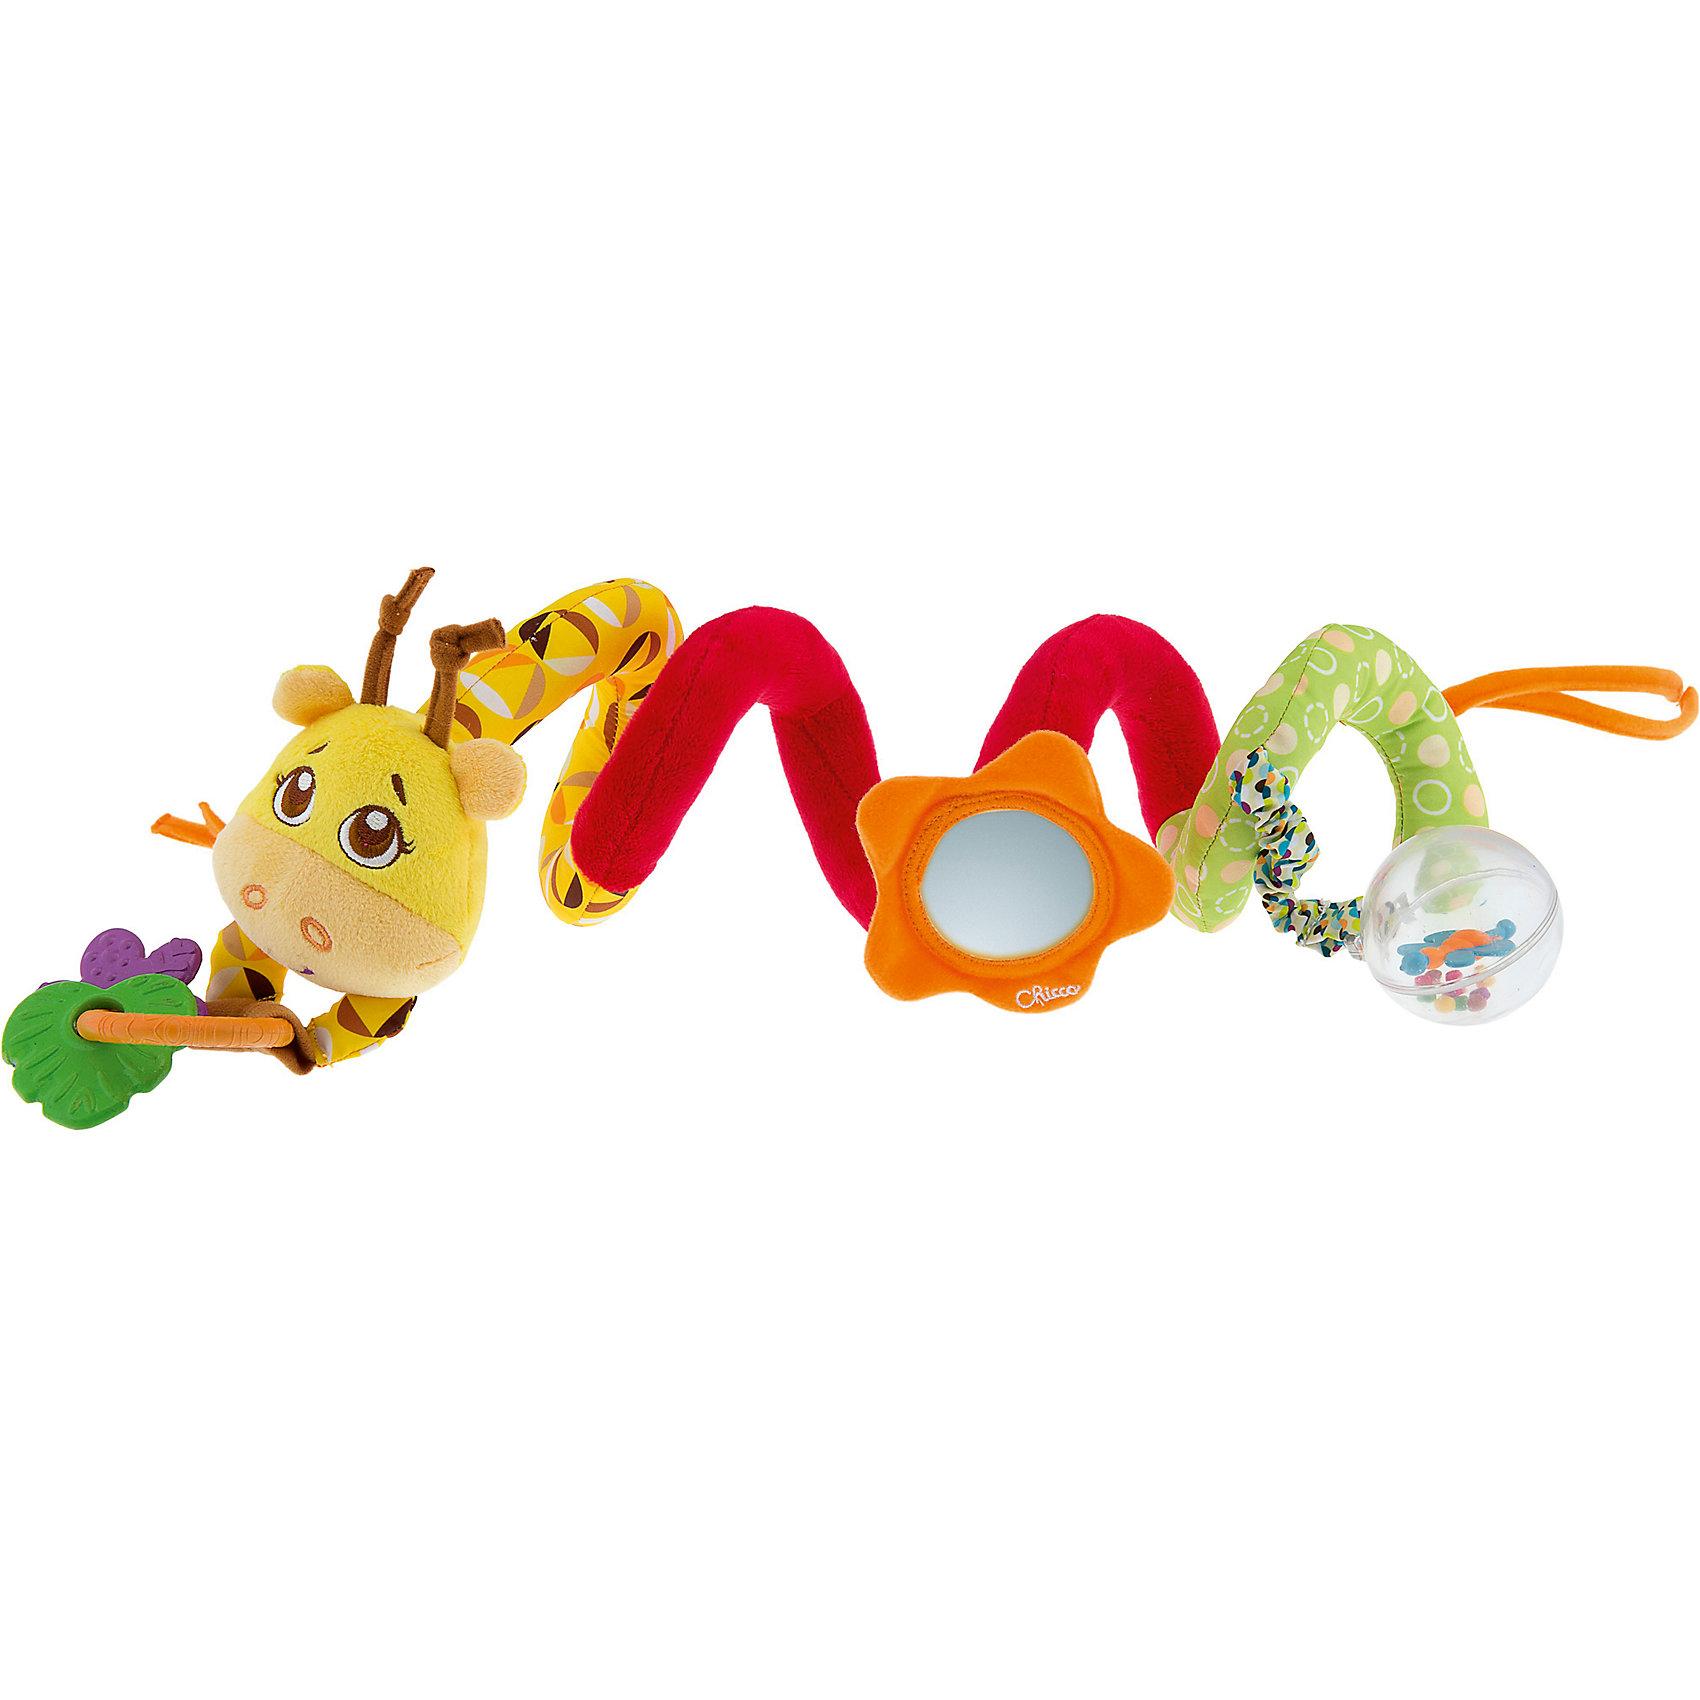 CHICCO Игрушка для коляски Джунгли на прогулке, Chicco игрушка подвеска chicco игрушка мягкая для коляски золушка